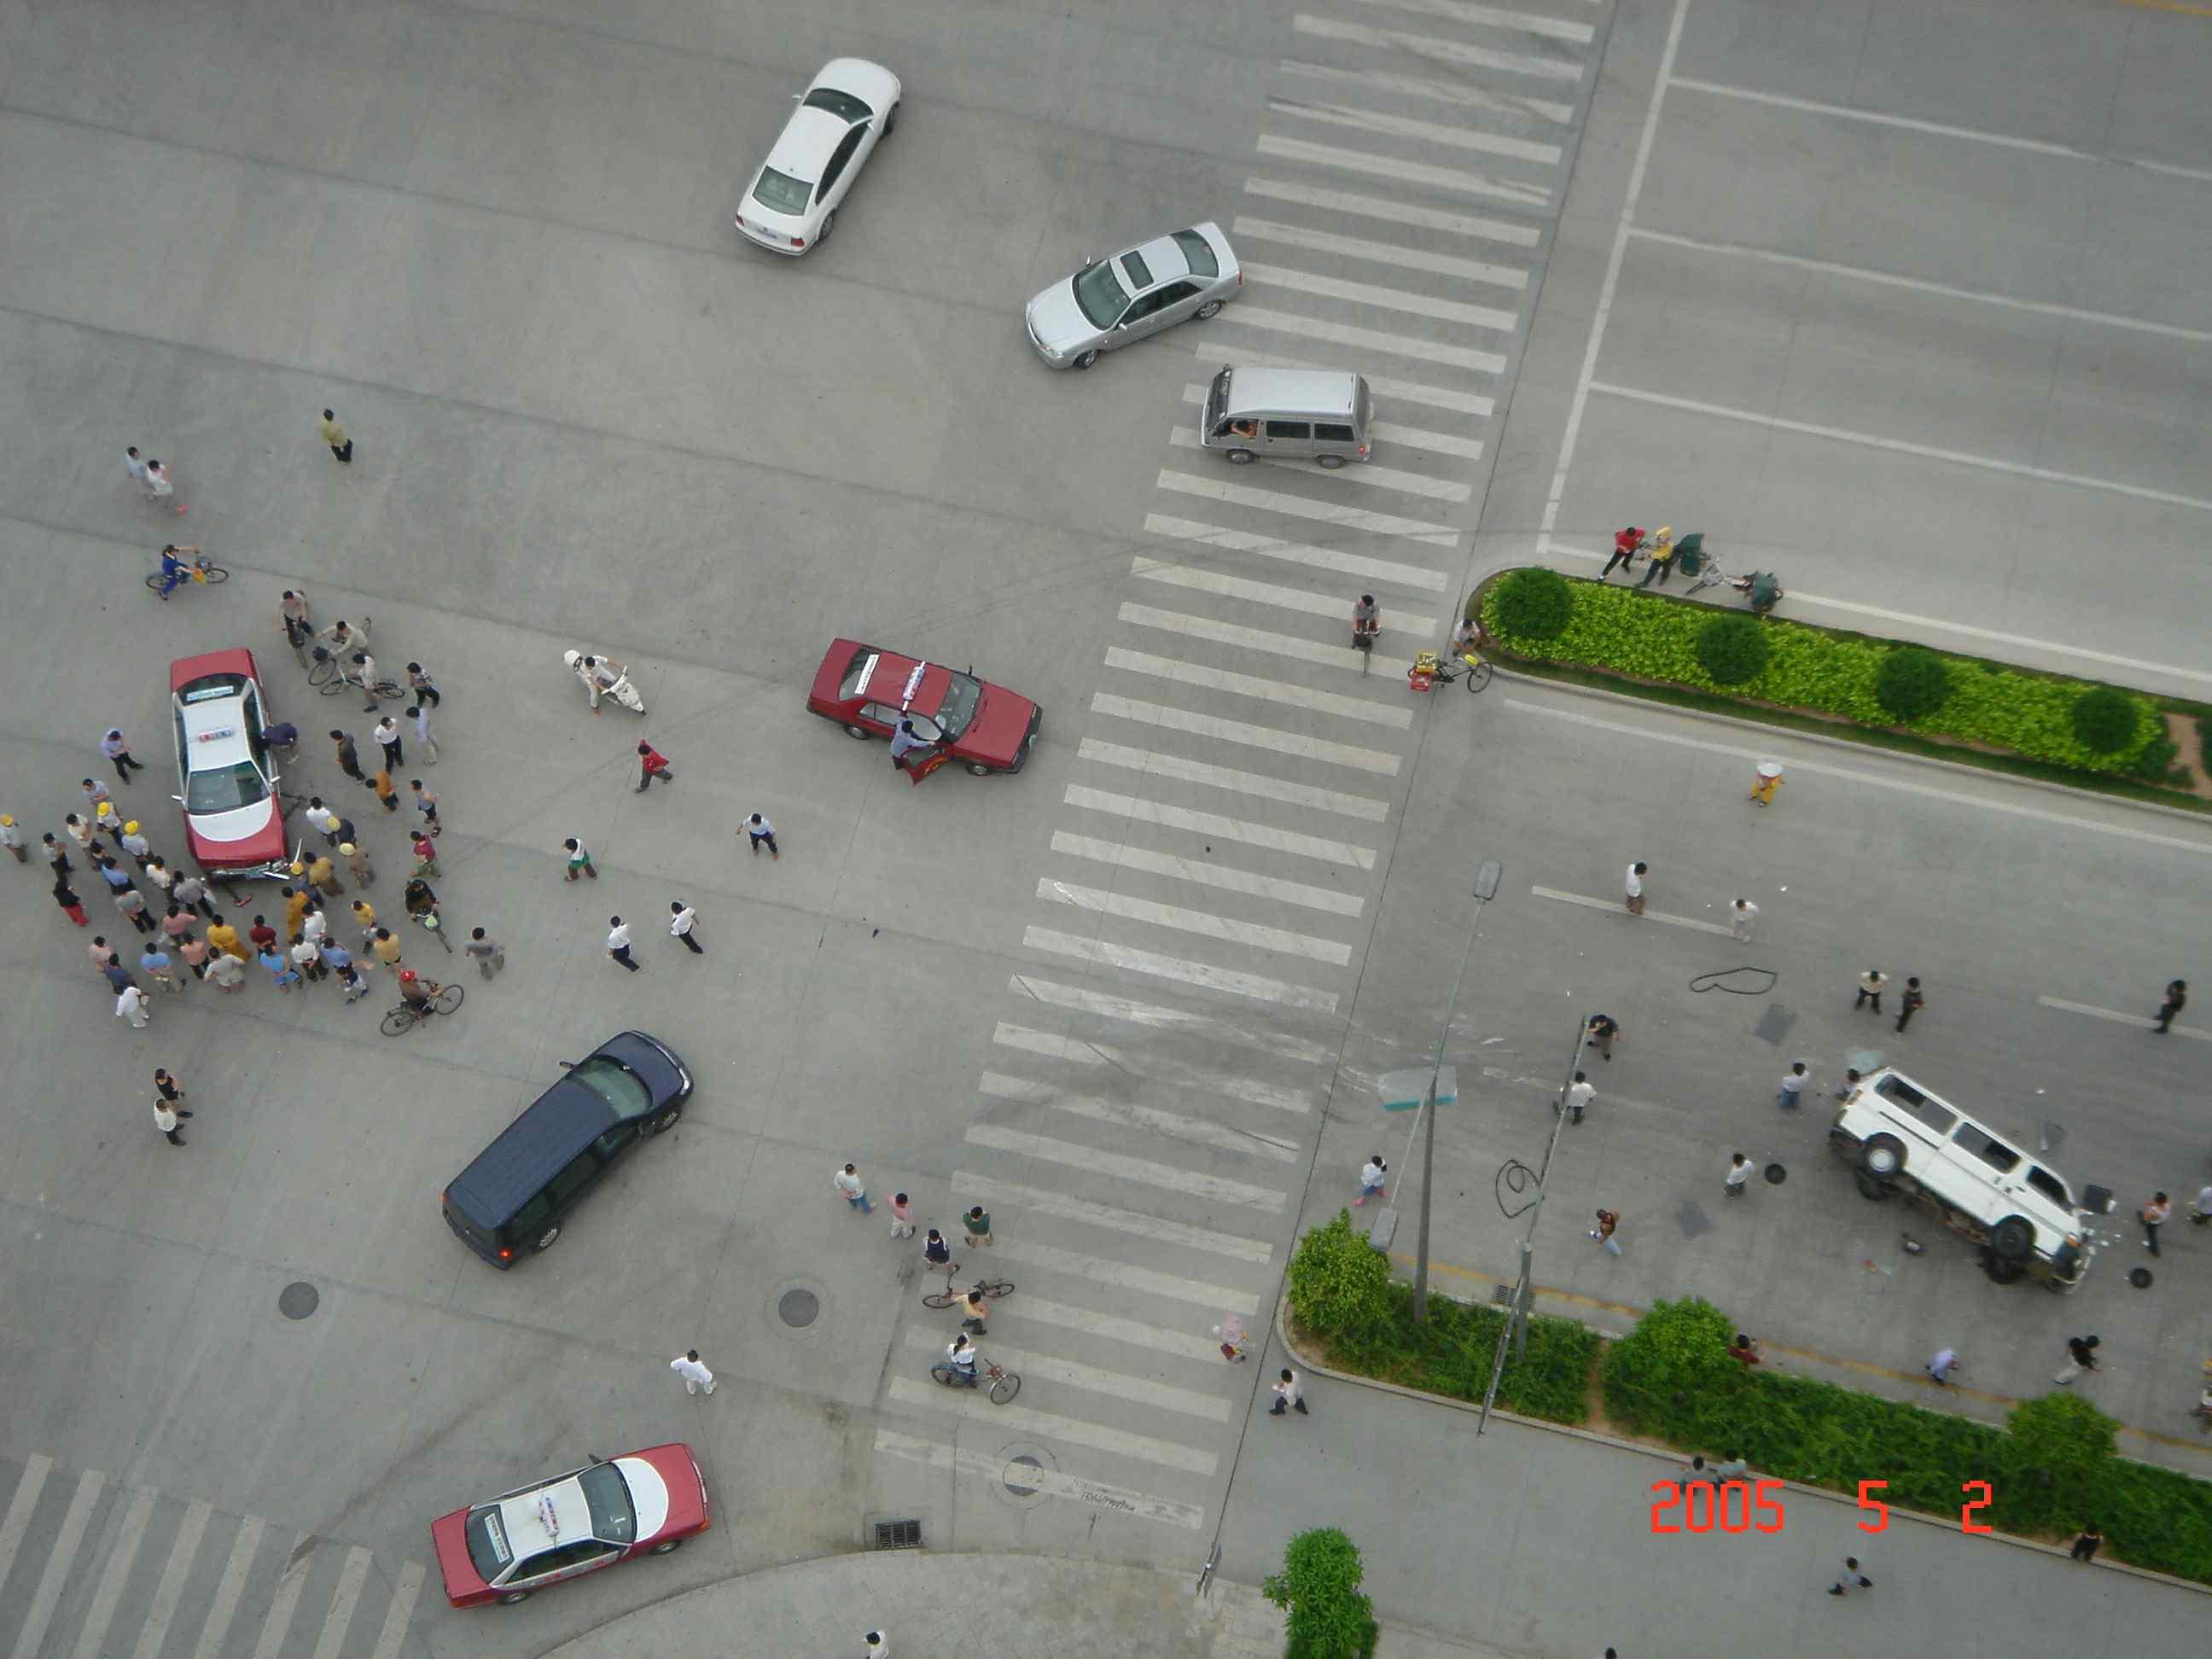 补充一个全景的 的士与面包车发生碰撞造成的事故 高清图片